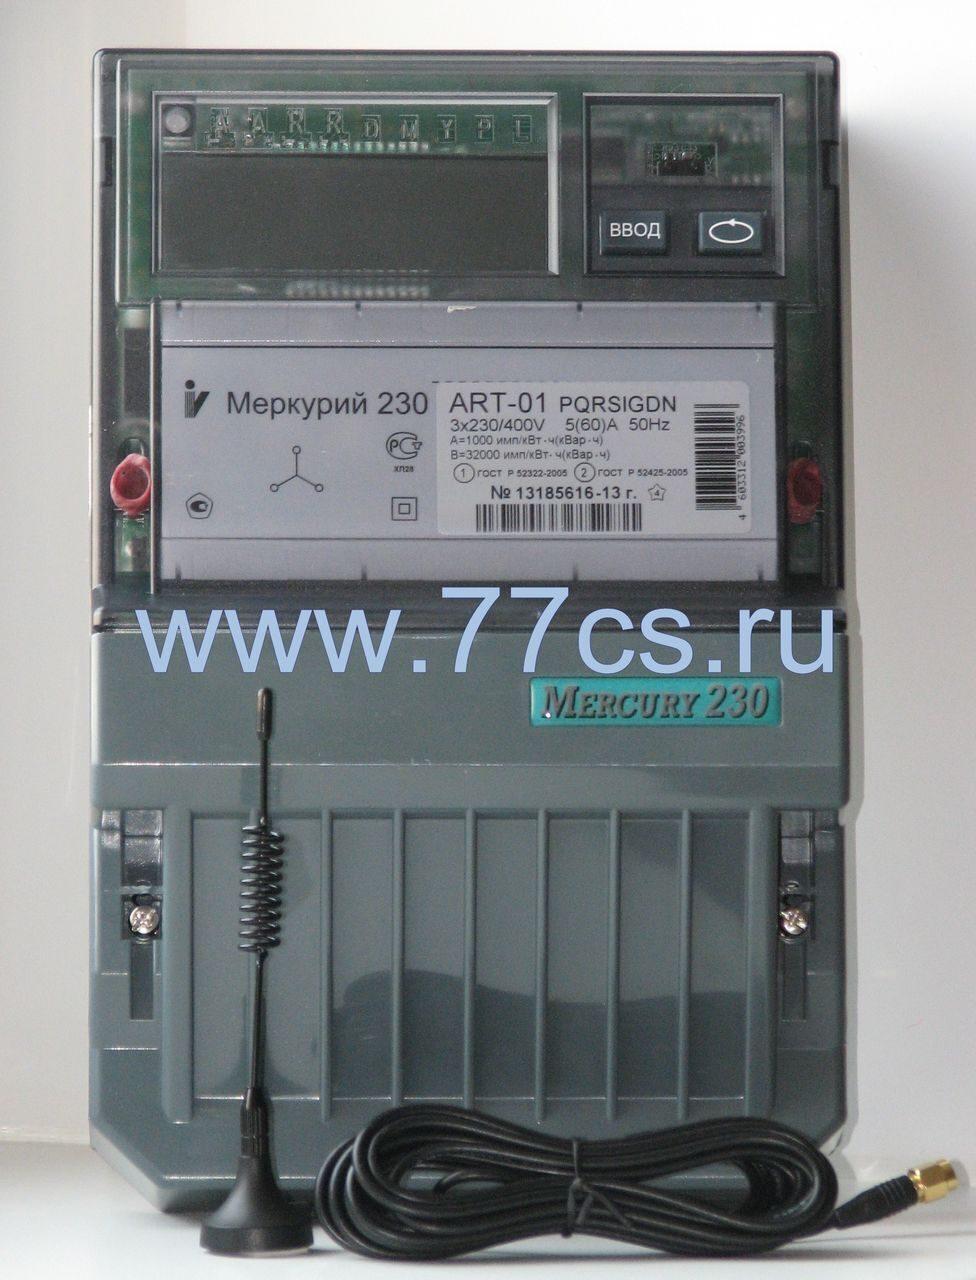 Меркурий 234 artm pob l2 меркурий c plc модемом